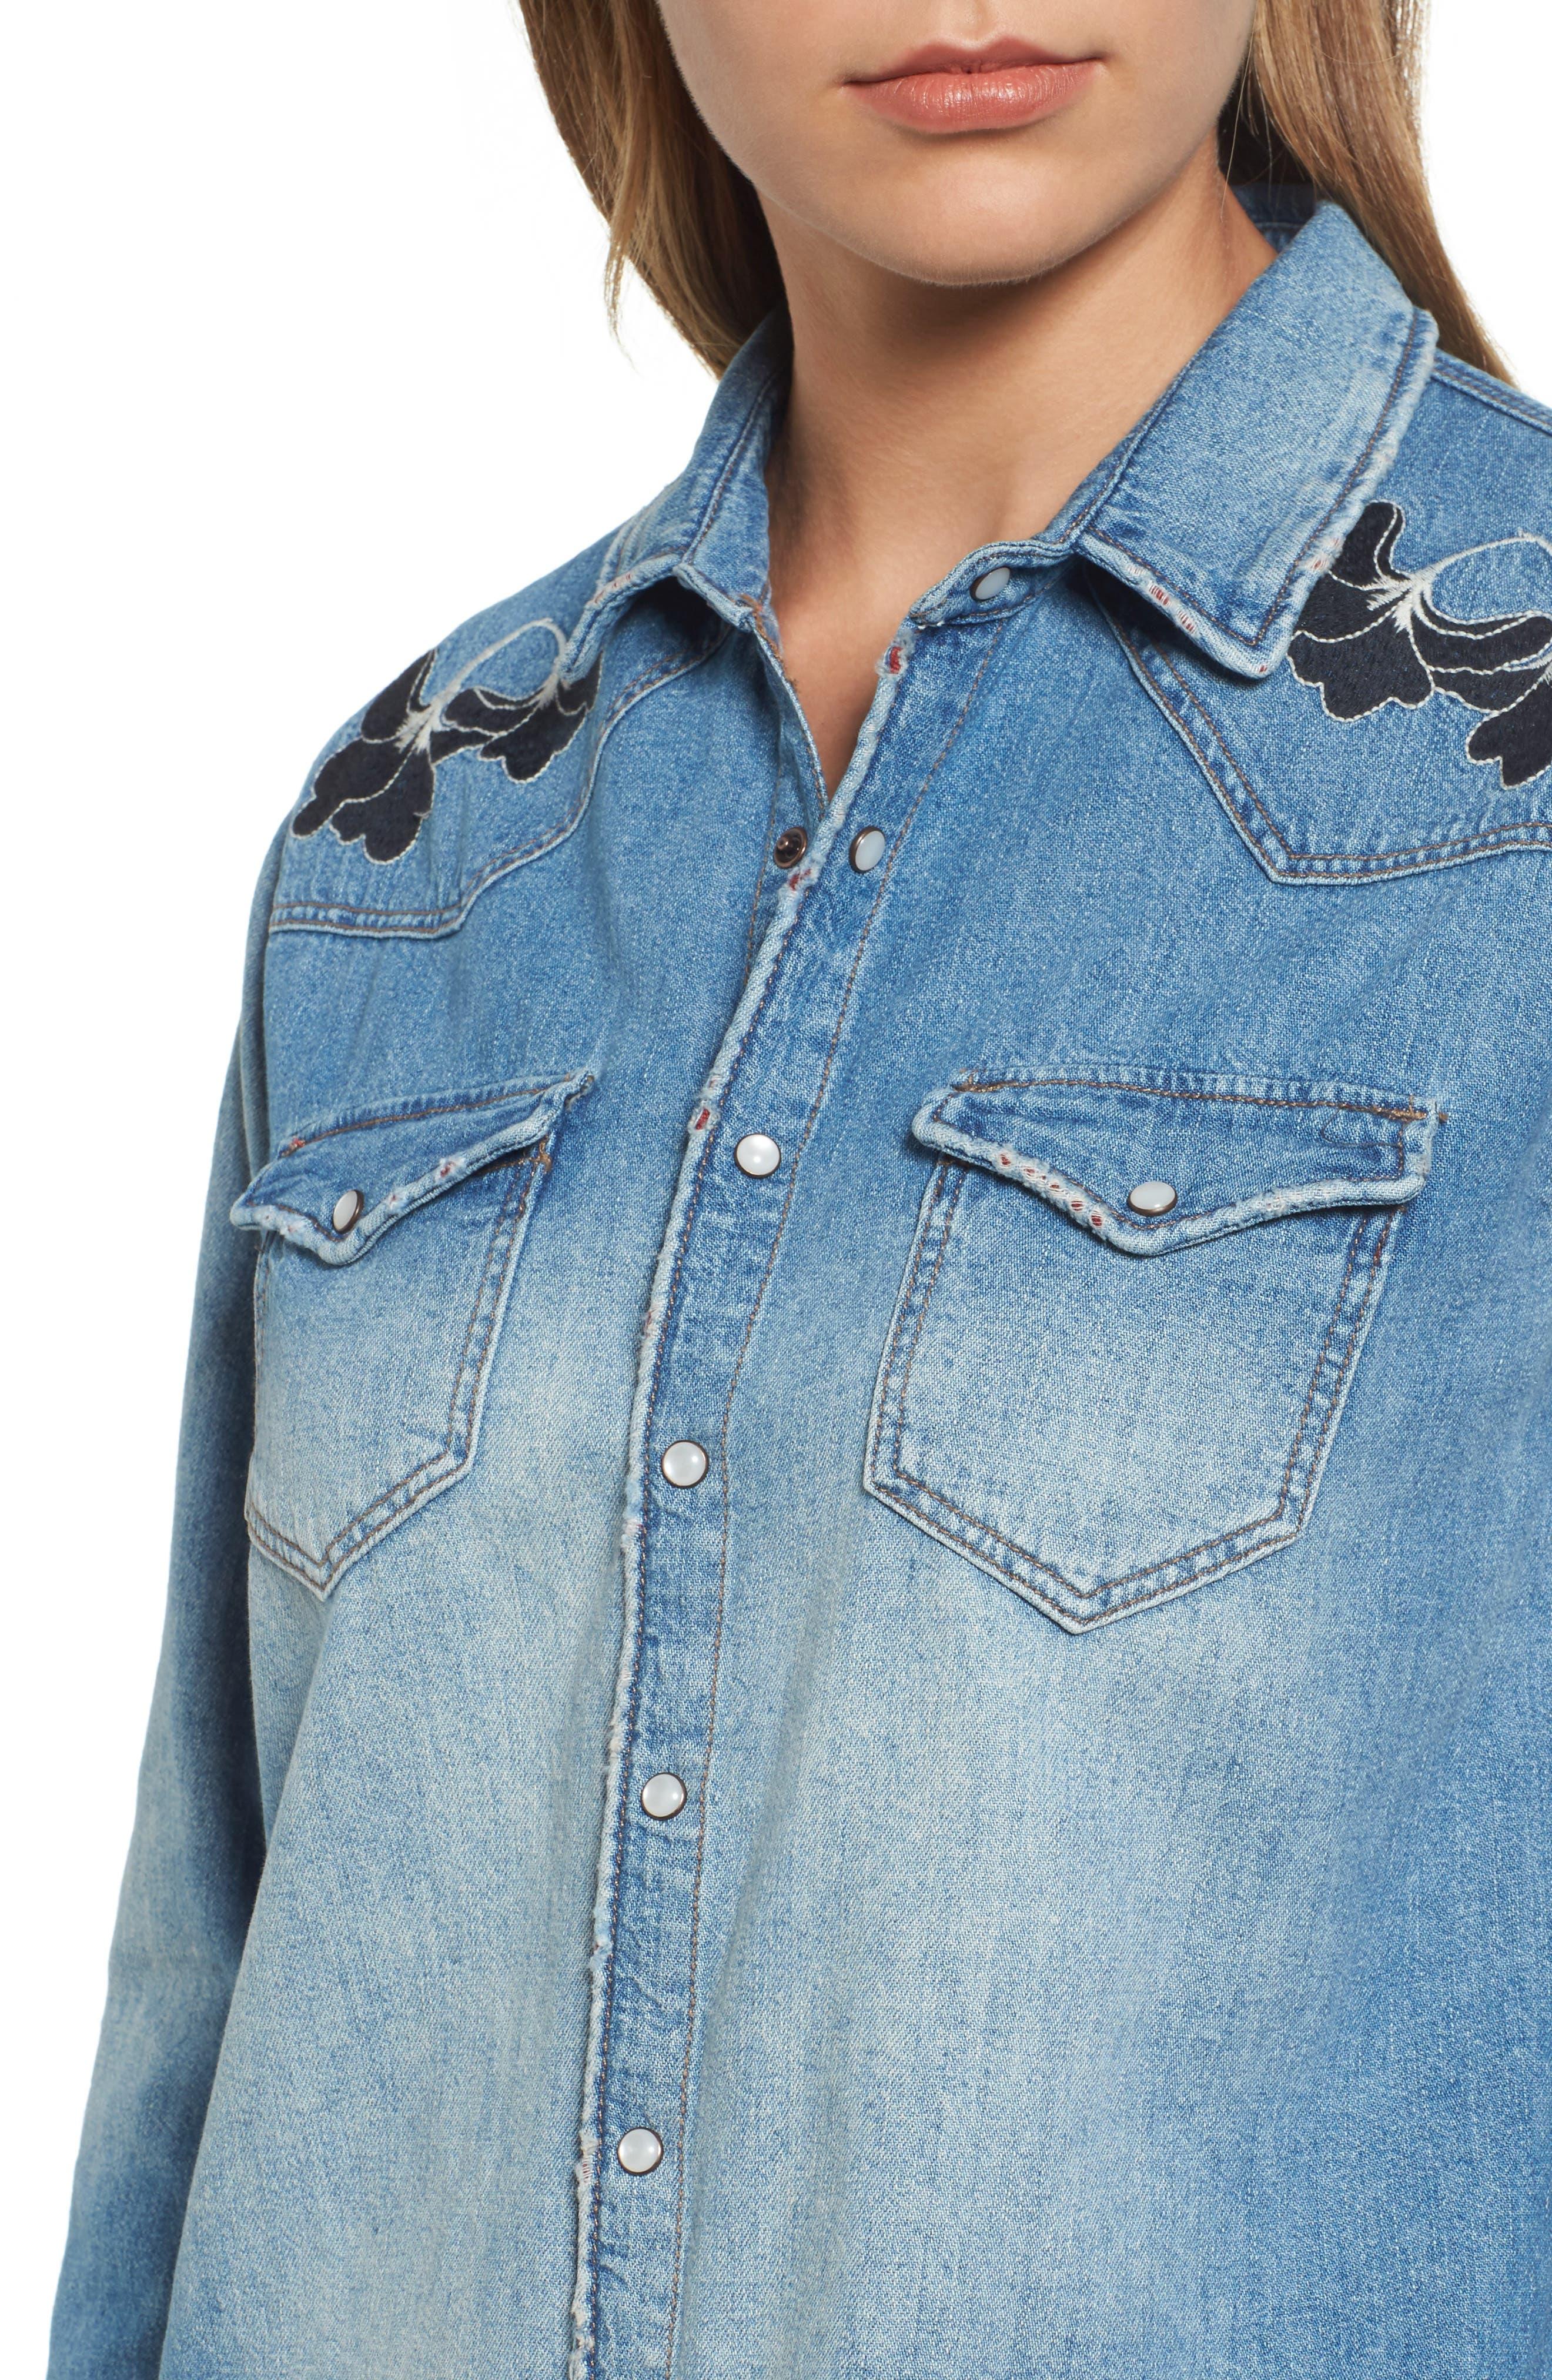 Vintage Rose Embroidered Denim Shirt,                             Alternate thumbnail 4, color,                             420